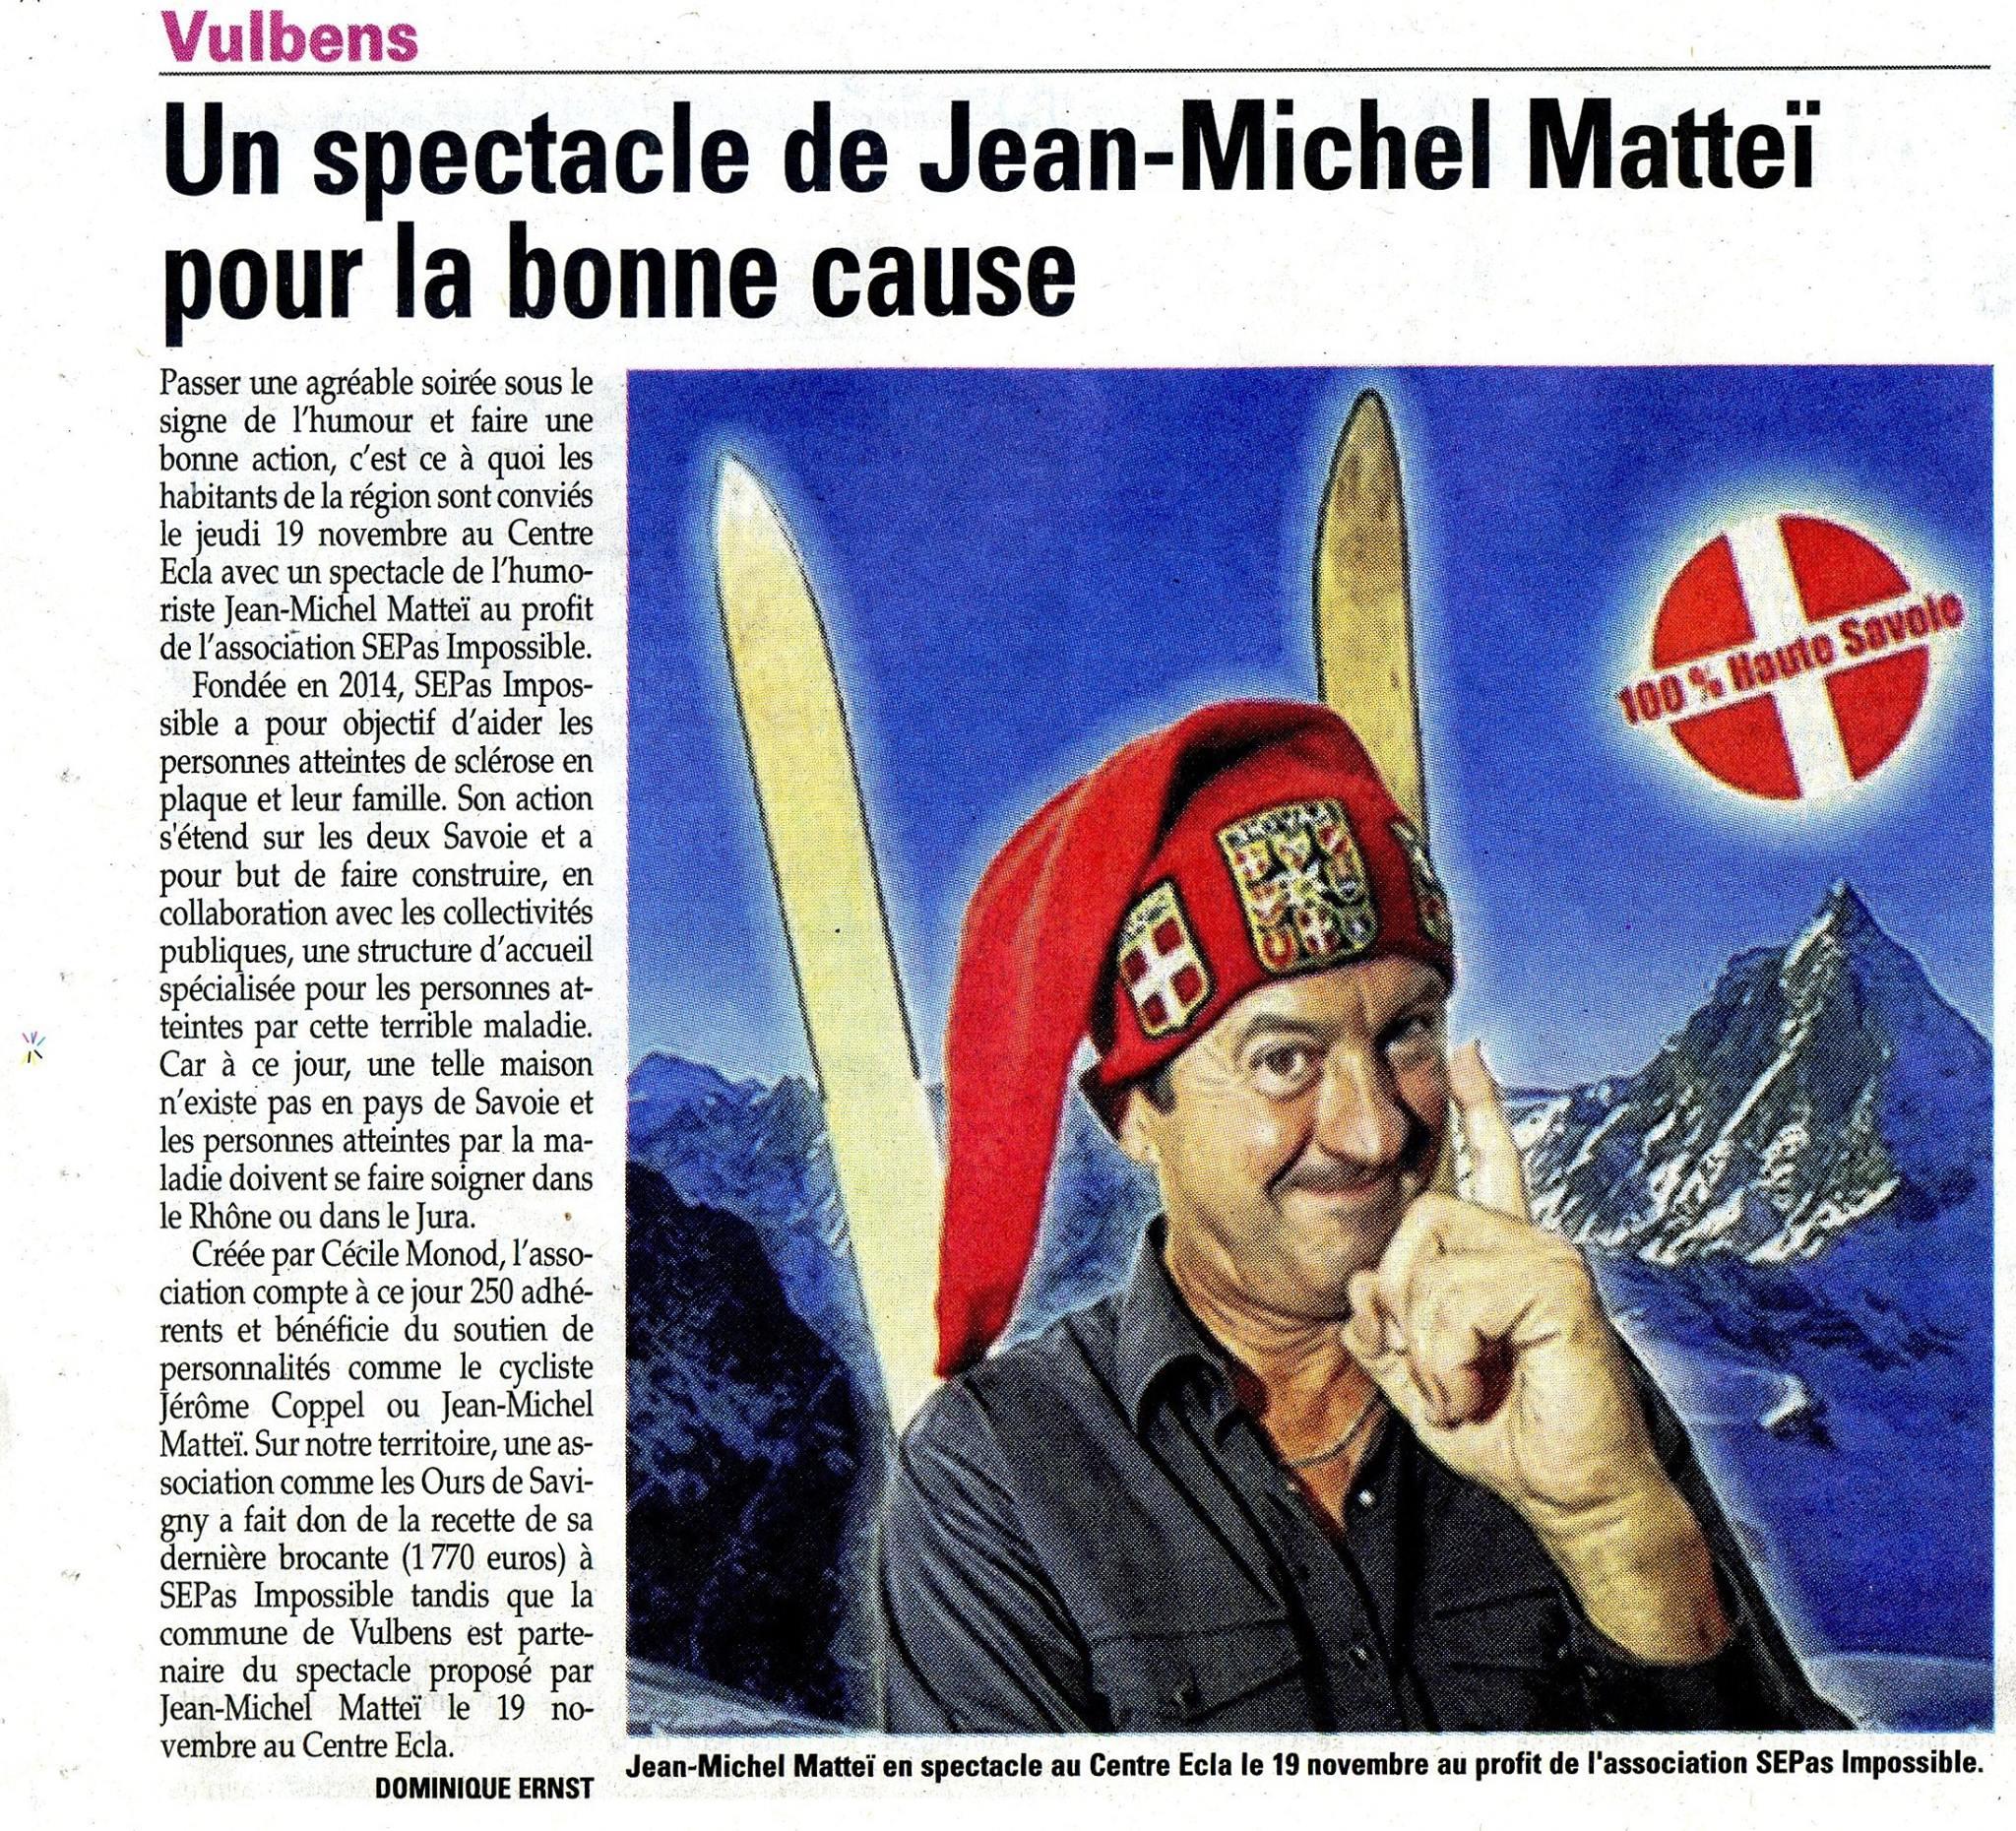 Le Dauphiné : Un spectacle de Jean-Michel Matteï pour la bonne cause